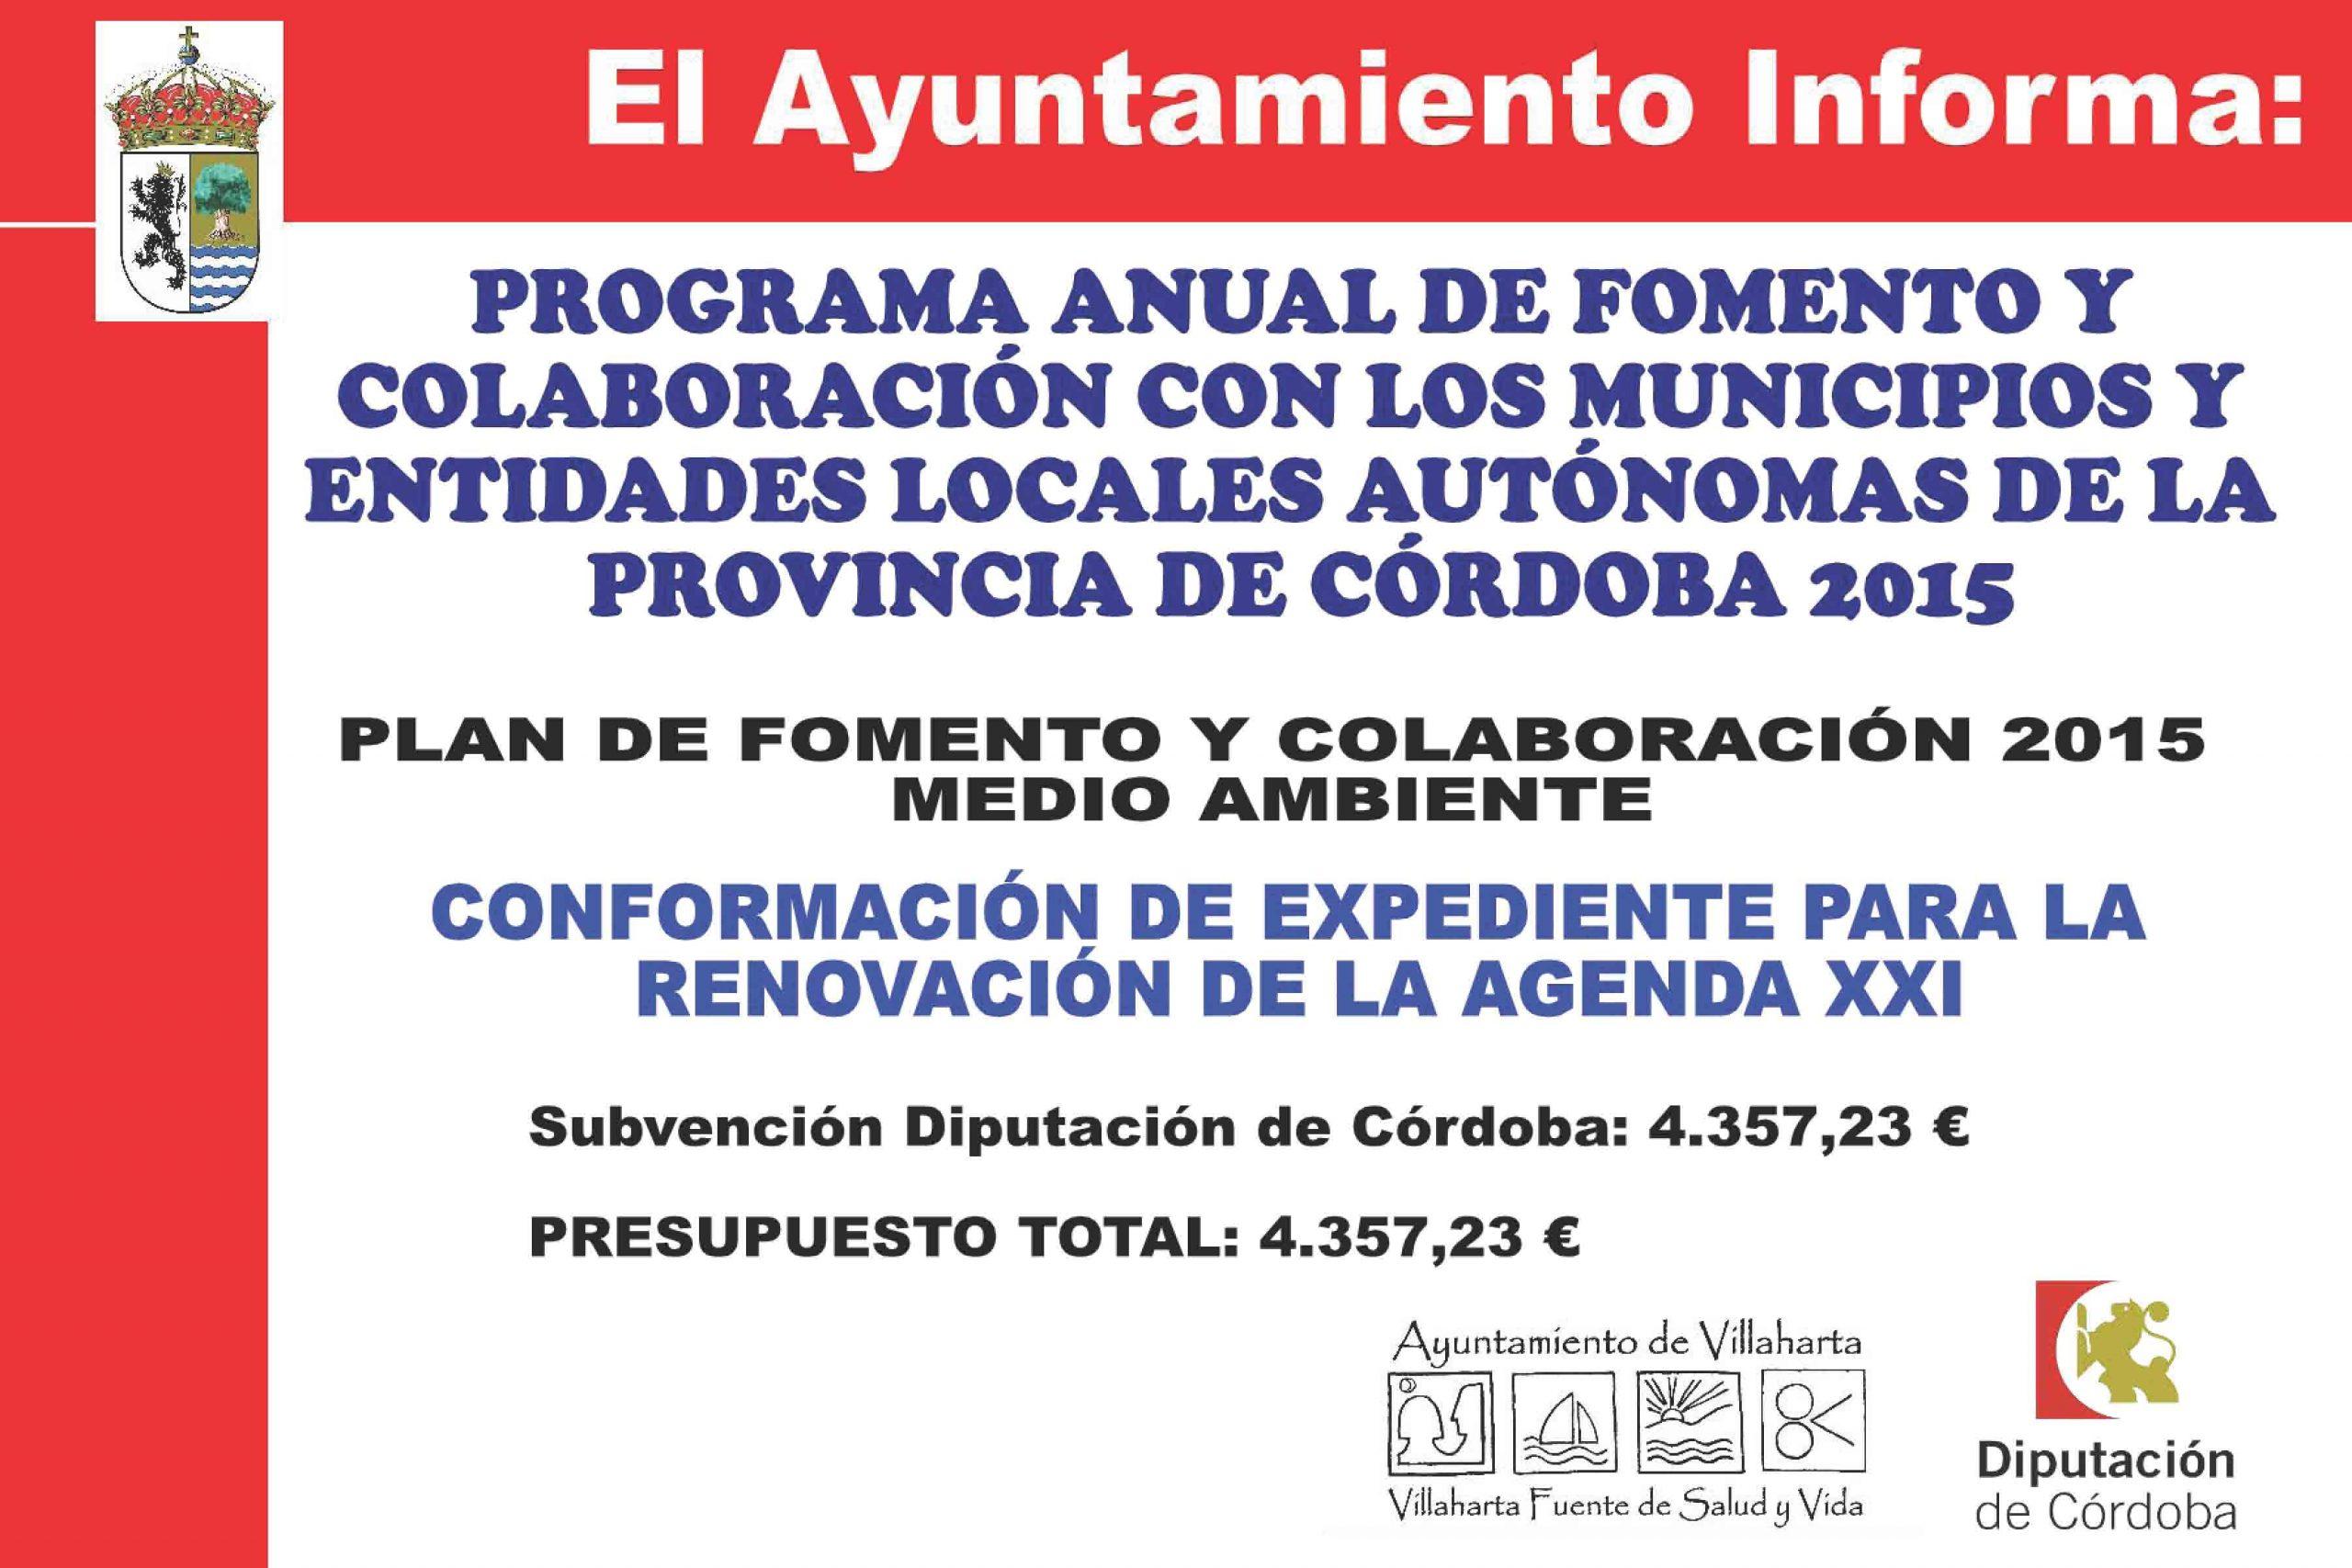 SUBVENCIONES RECIBIDAS. 2015 14